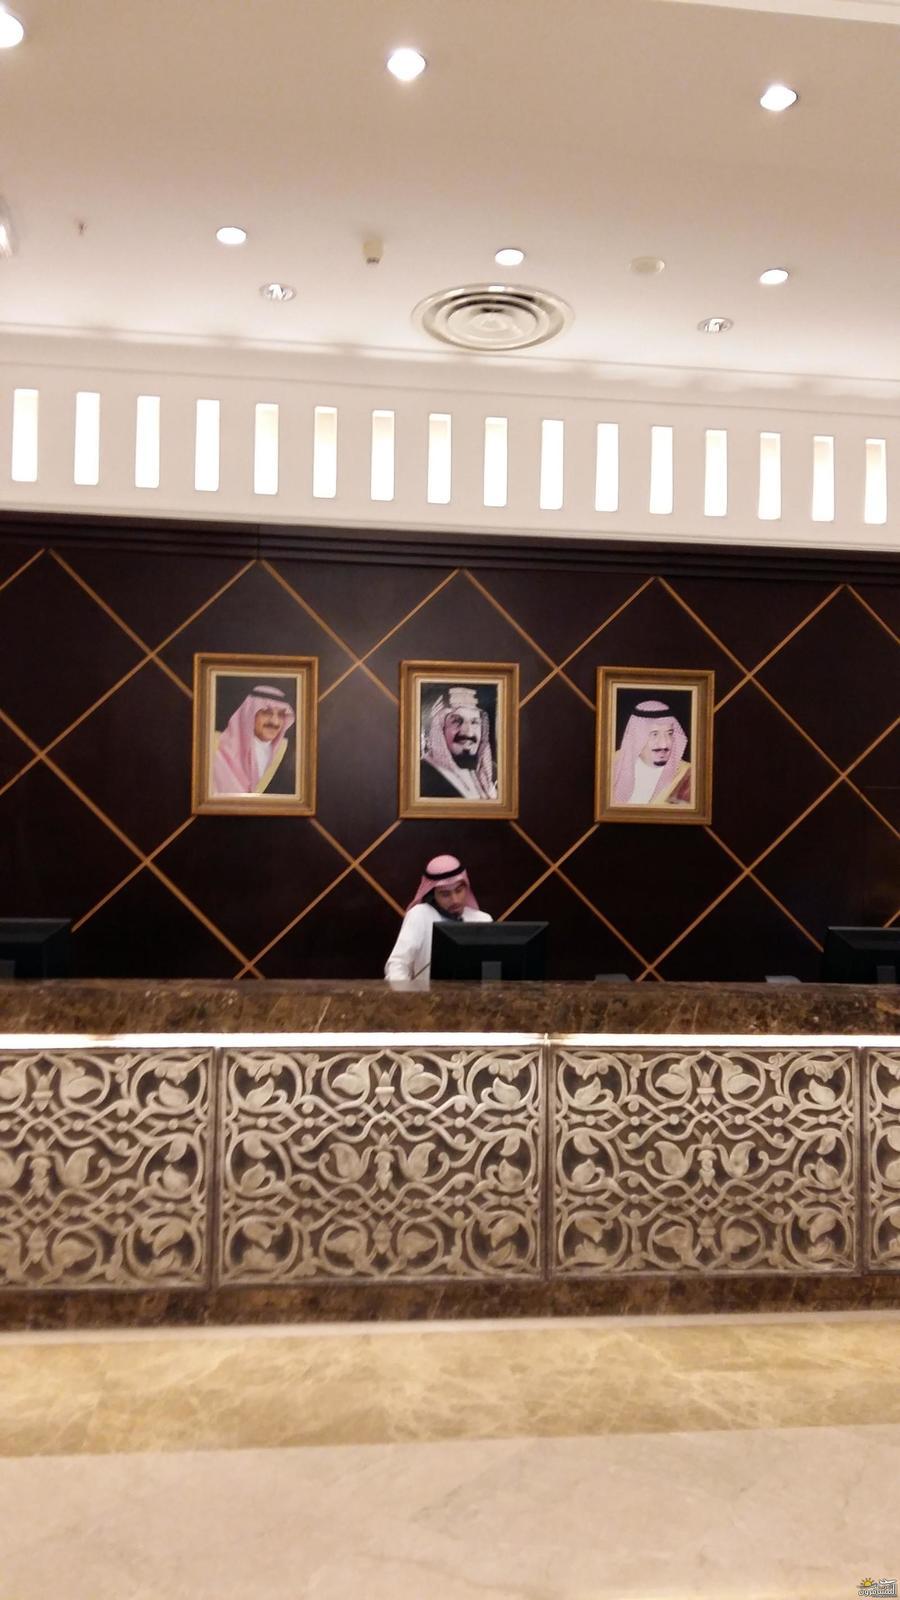 655086 المسافرون العرب نبذة عن الميقات